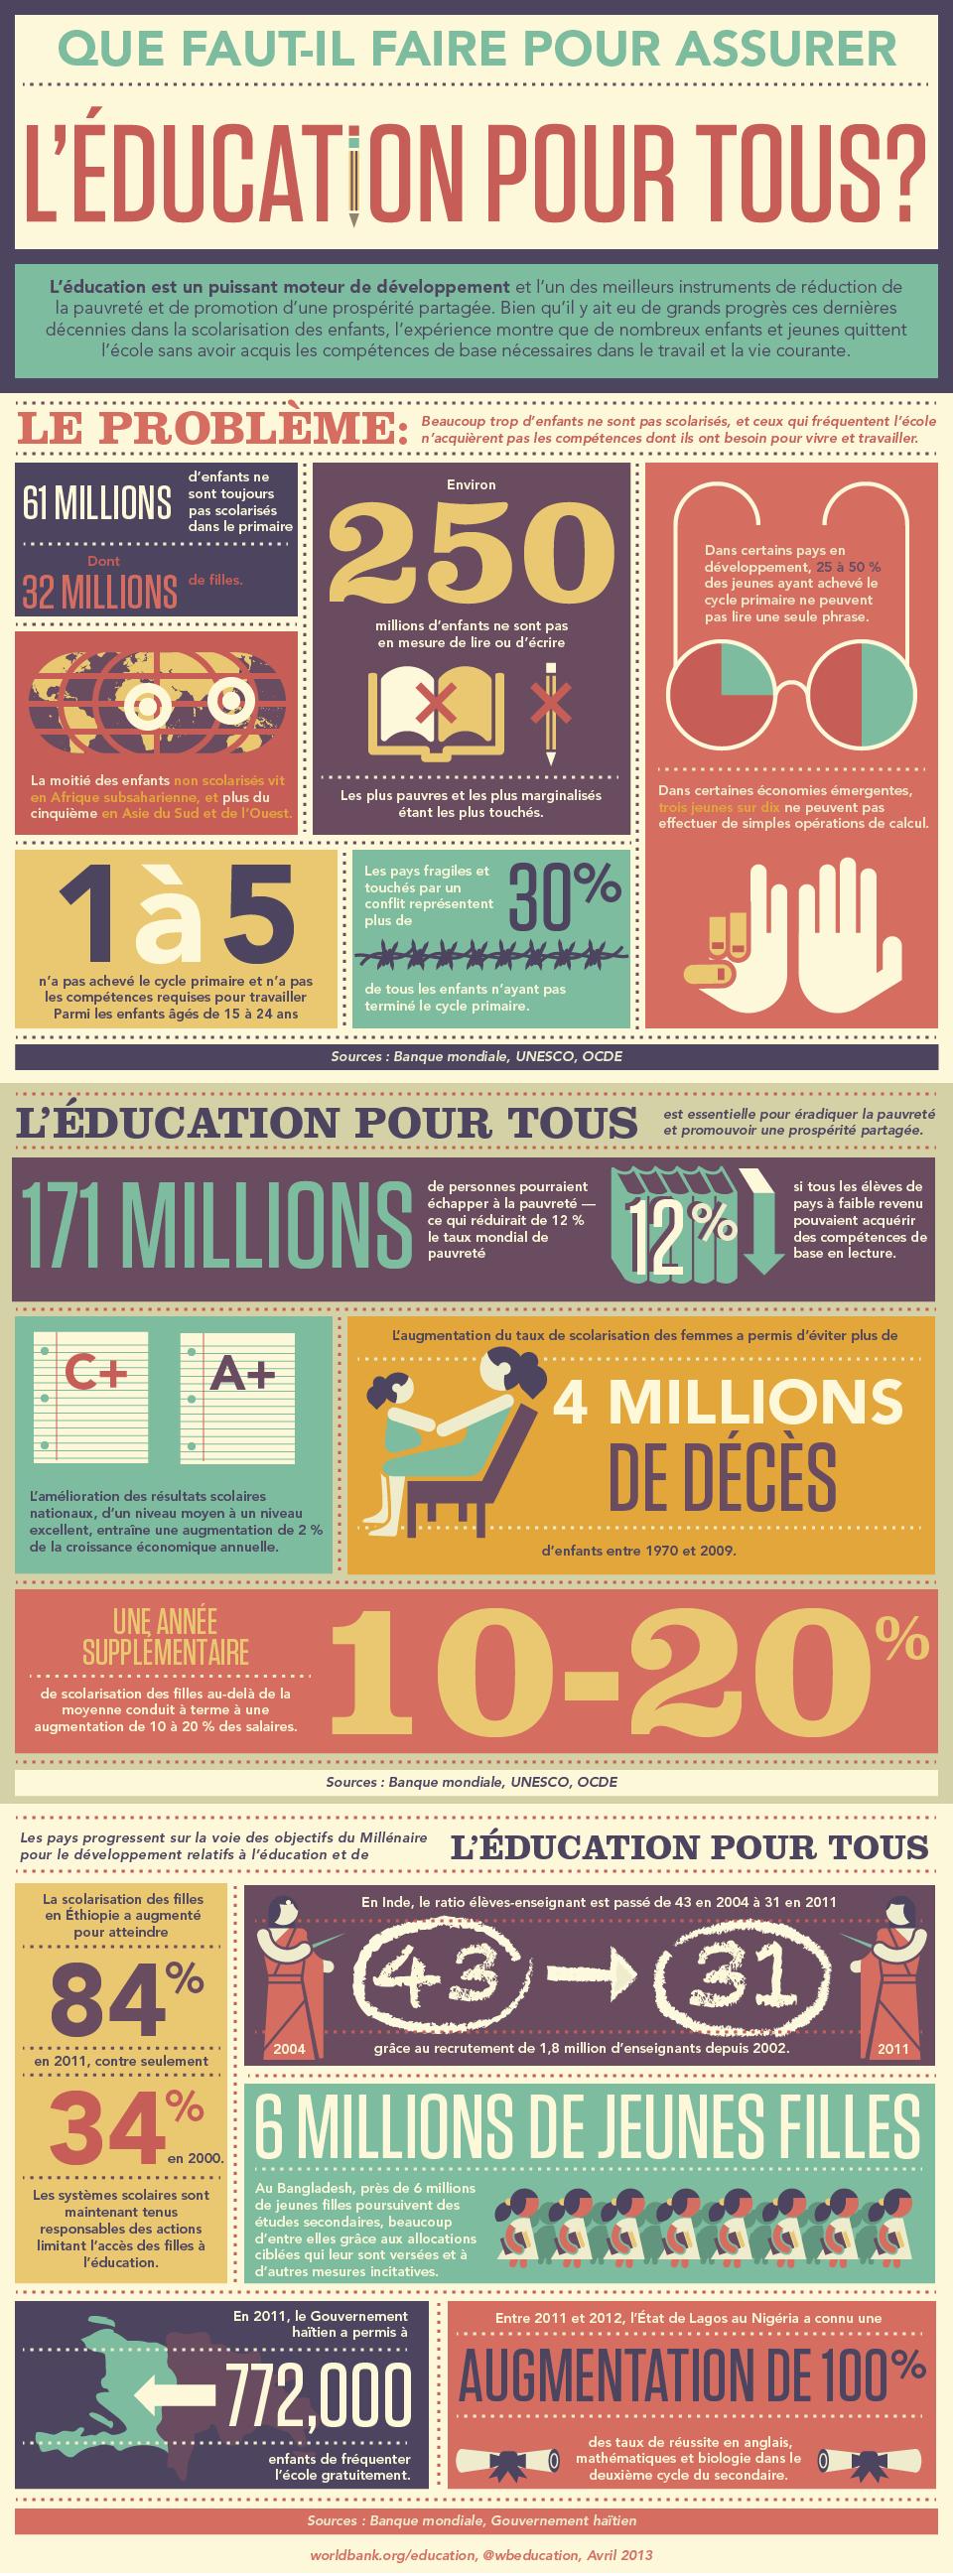 L Education Est Un Puissant Moteur De Developpement Et L Un Des Meilleurs Instruments De Reduction D Educational Infographic Social Justice Education Education